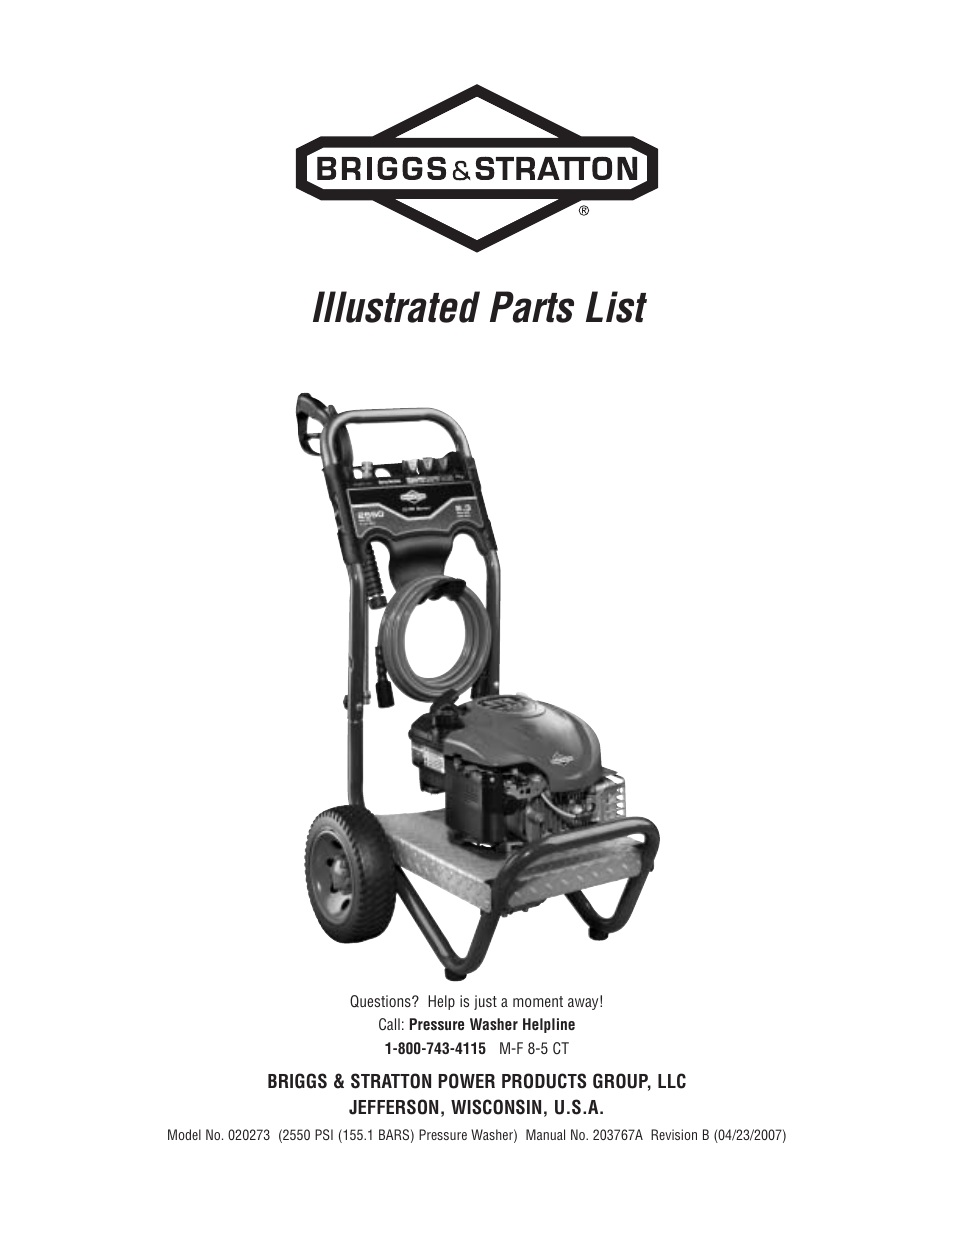 briggs and stratton pressure washer manual